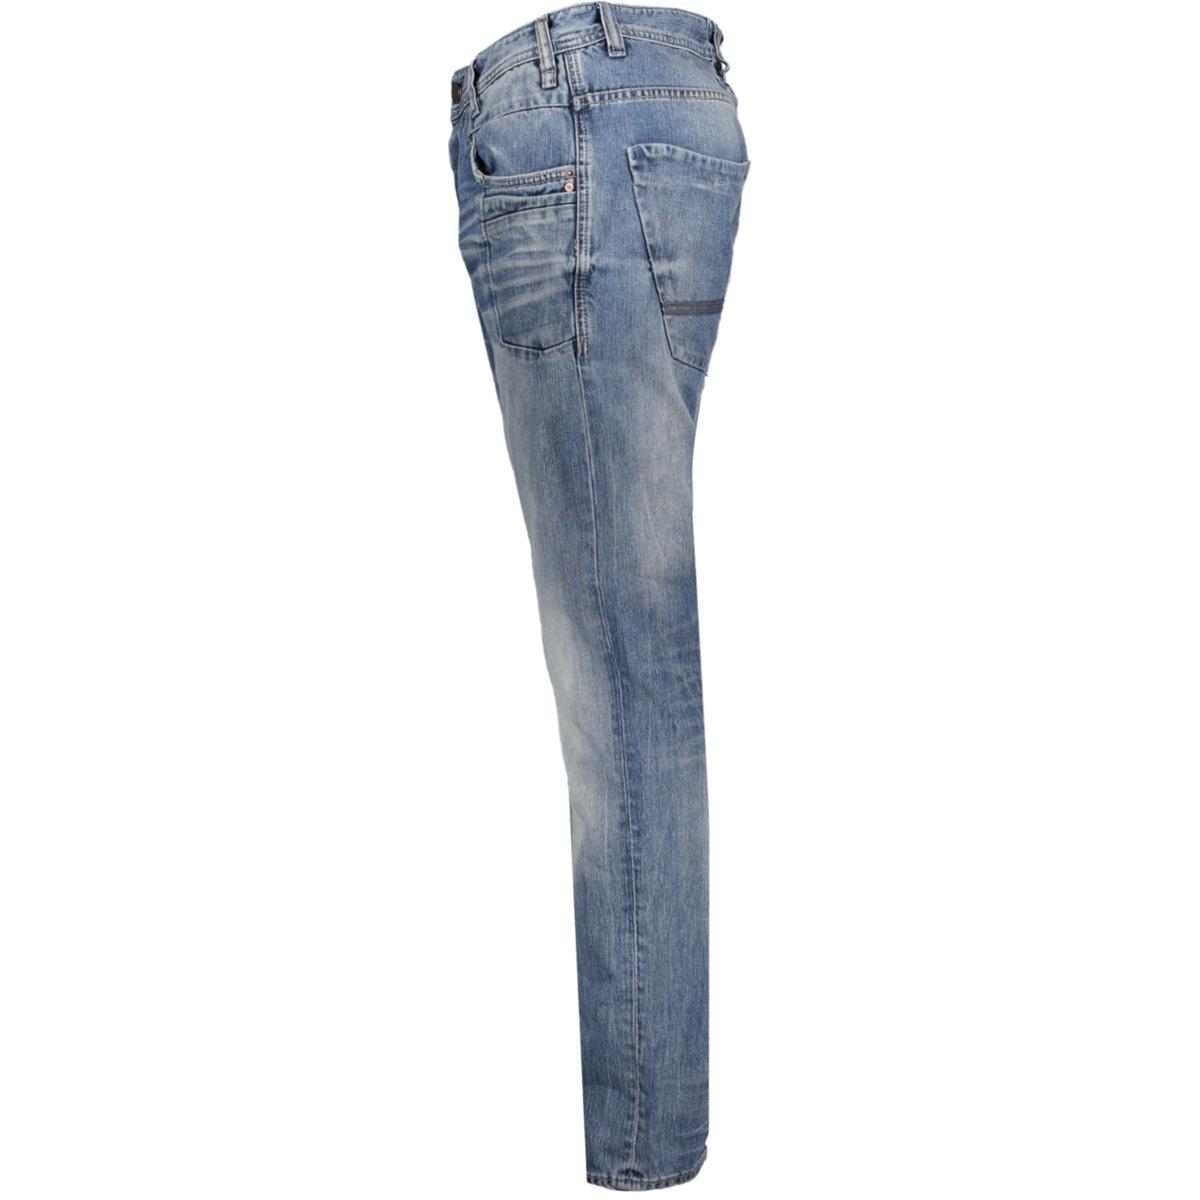 denim commander ptr980 pme legend jeans brw